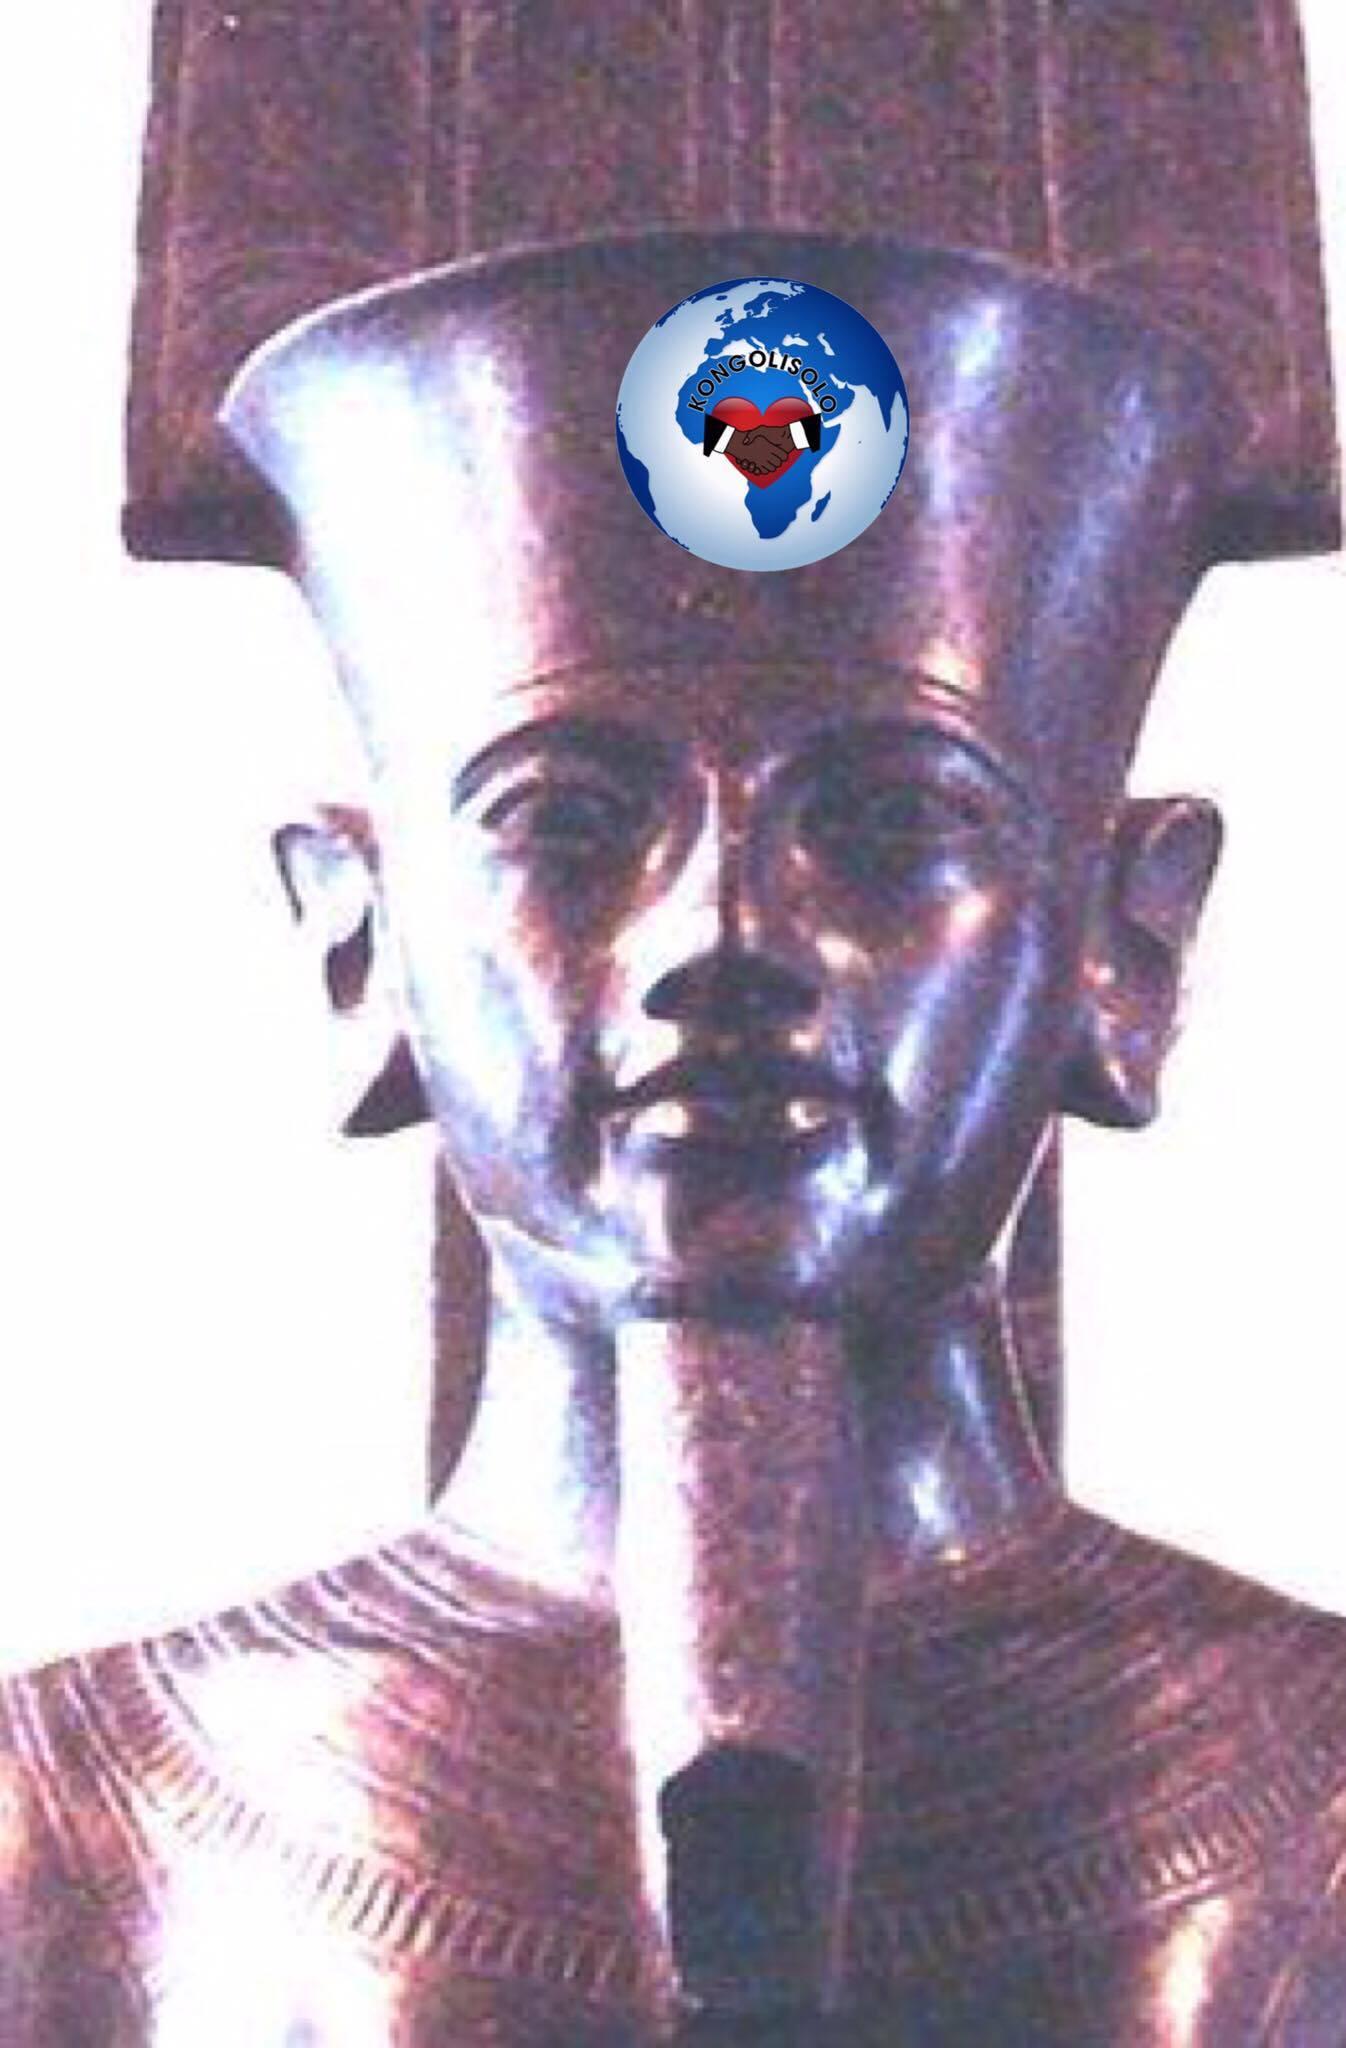 Akhenaton n'est pas l'inventeur du monothéisme ... Pour de nombreuses et variées raisons, largement liées à la falsification de l'histoire africaine, beaucoup de gens veulent affecter le Pharaon Akhenaton (né sous le nom de